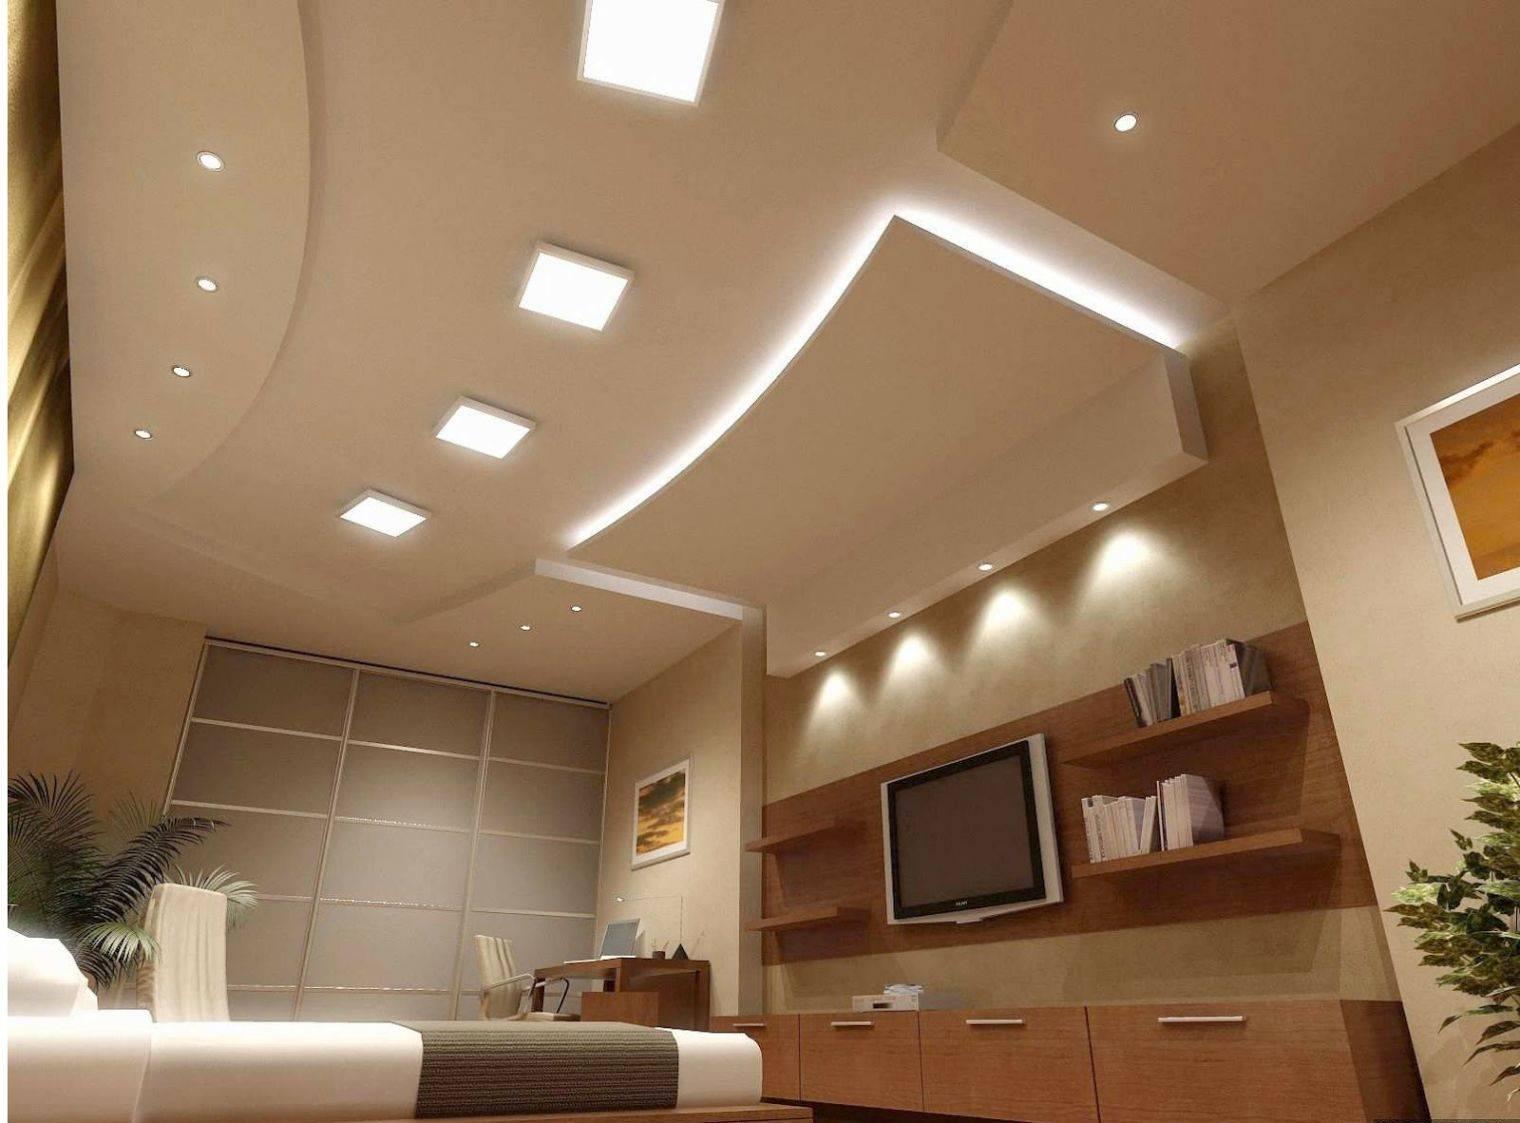 Как поднять потолок в частном доме деревянном и увеличить высоту визуально